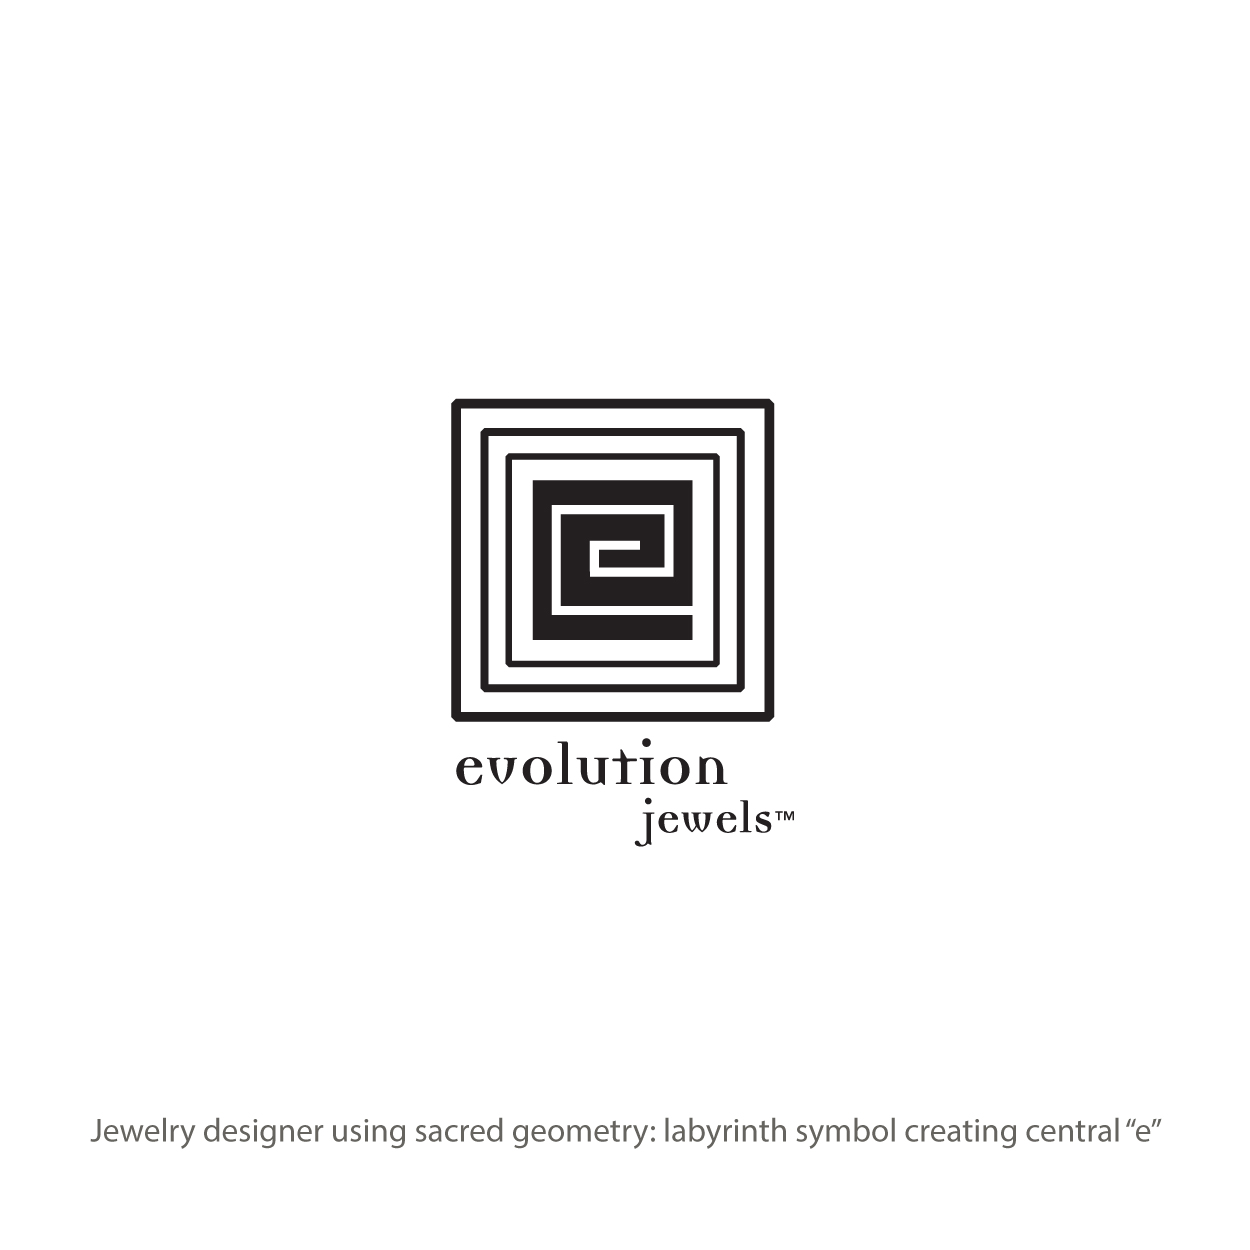 tjungle_logo_design-23.jpg